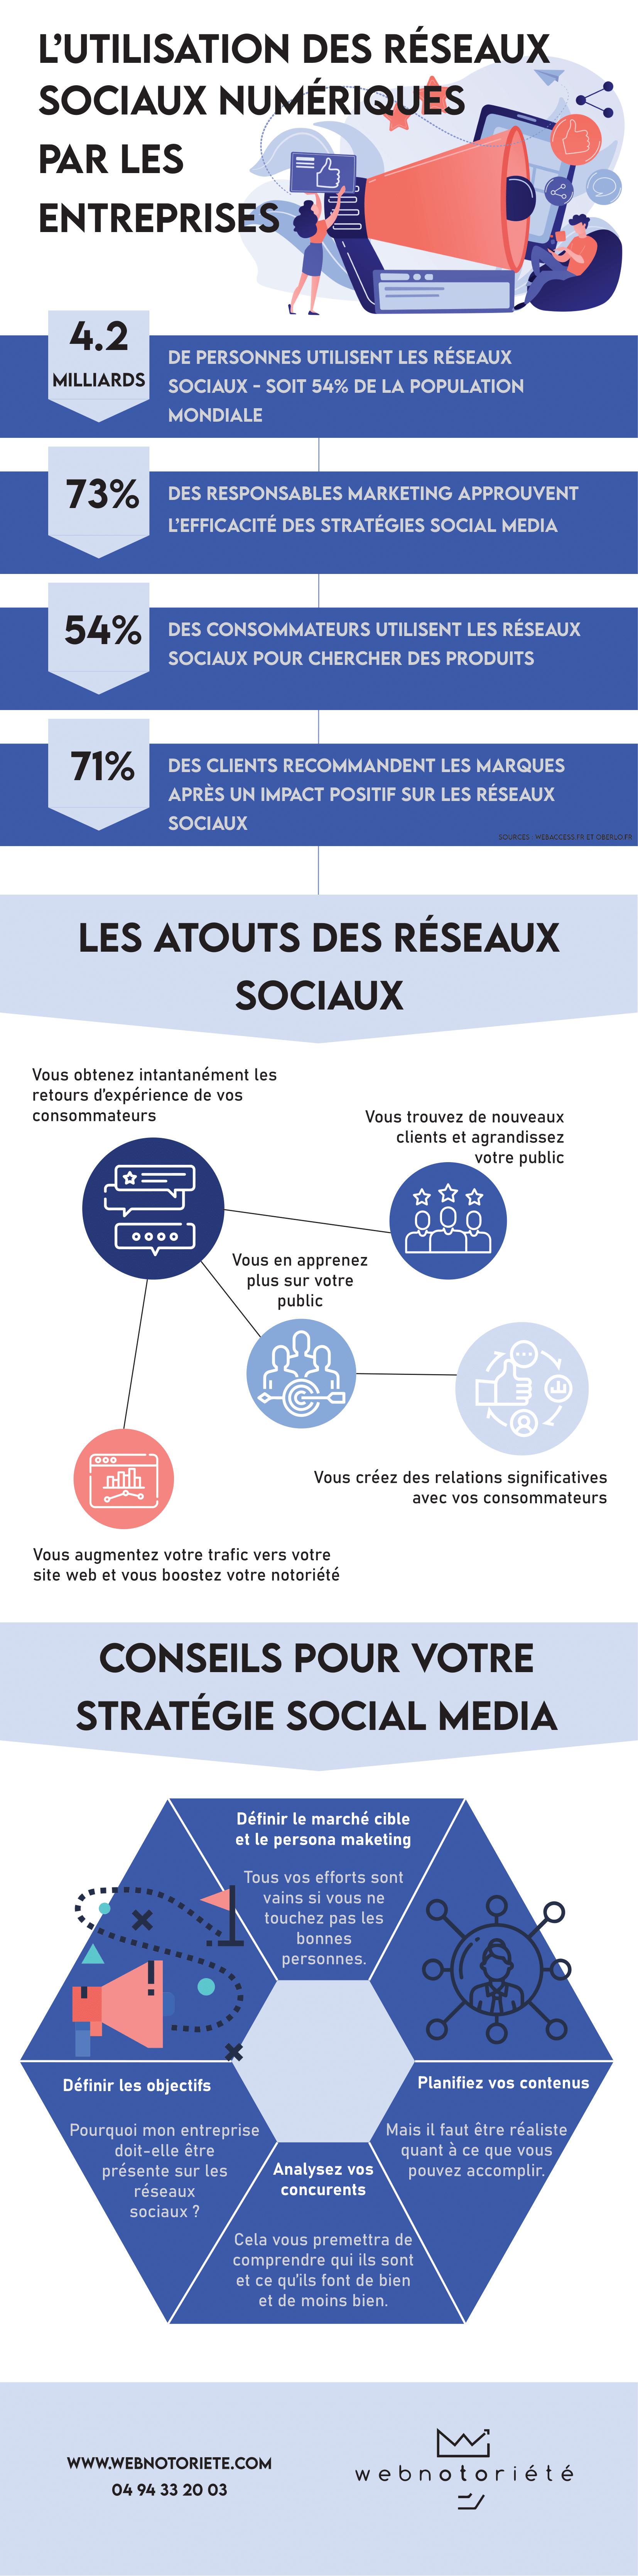 utilisation des réseaux socizux numériques par les entreprises